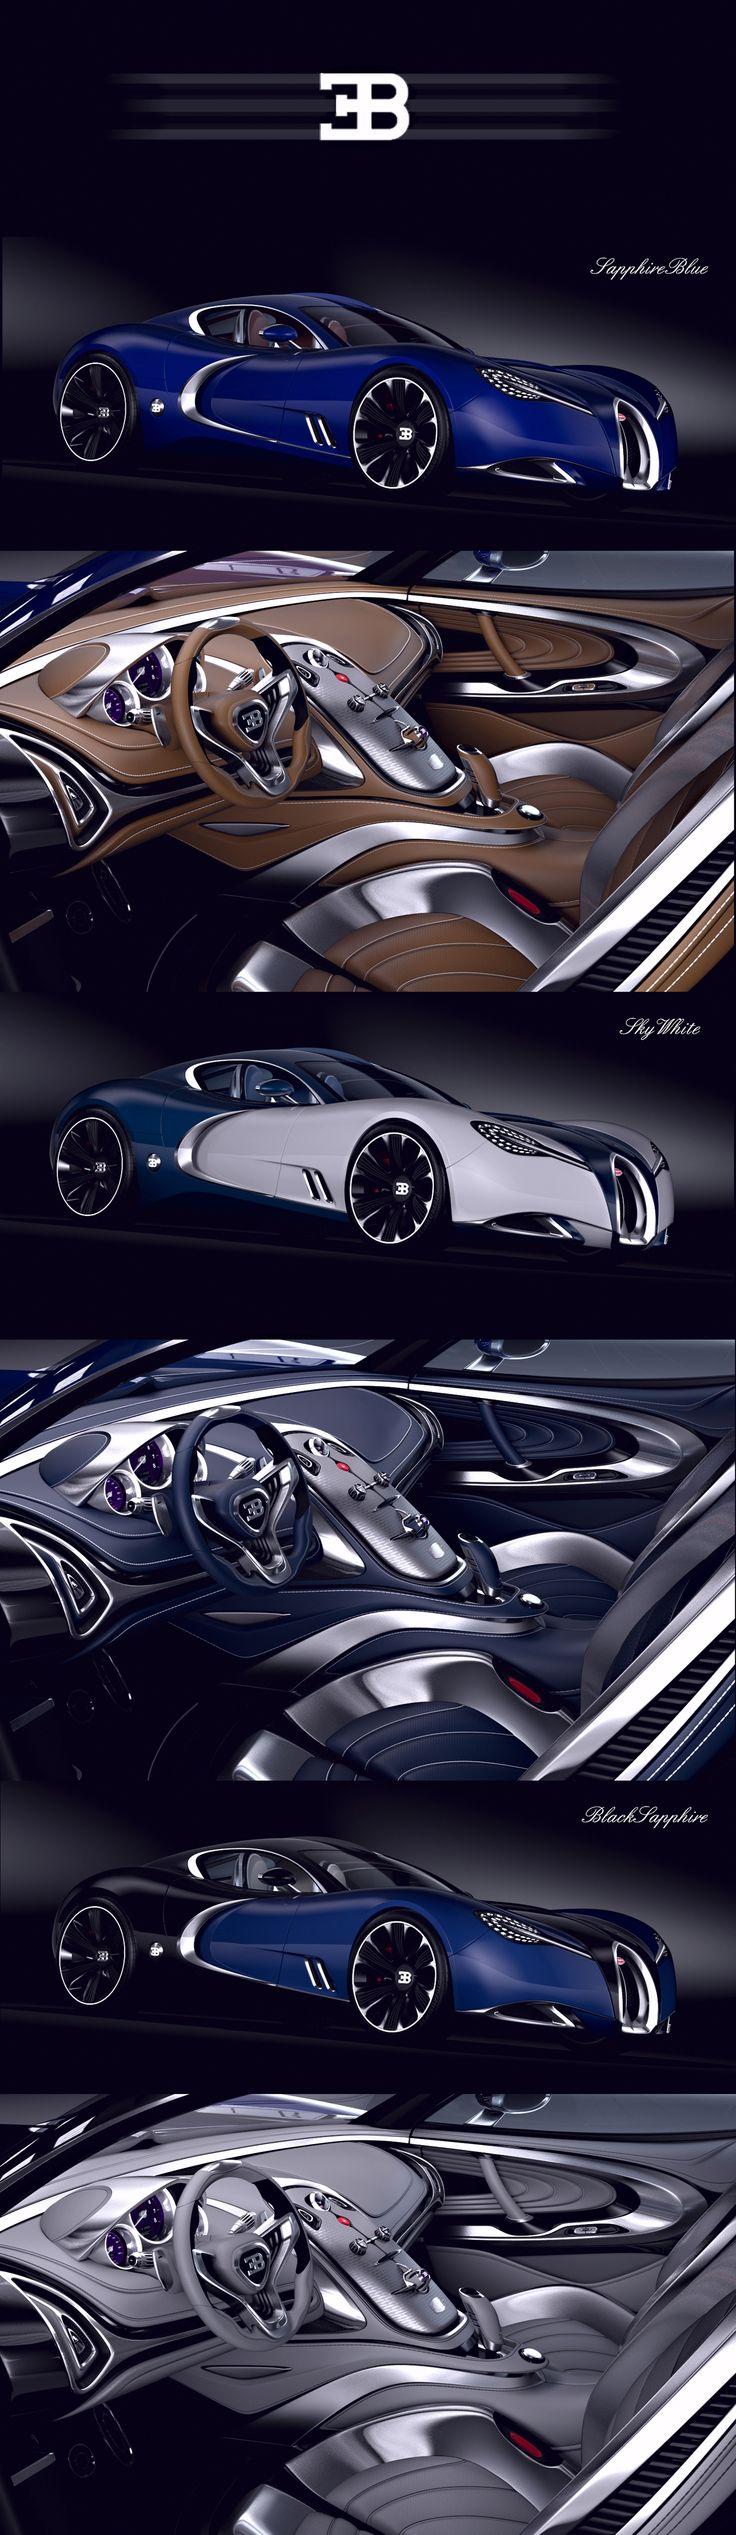 1371 best images about automotive design on pinterest. Black Bedroom Furniture Sets. Home Design Ideas